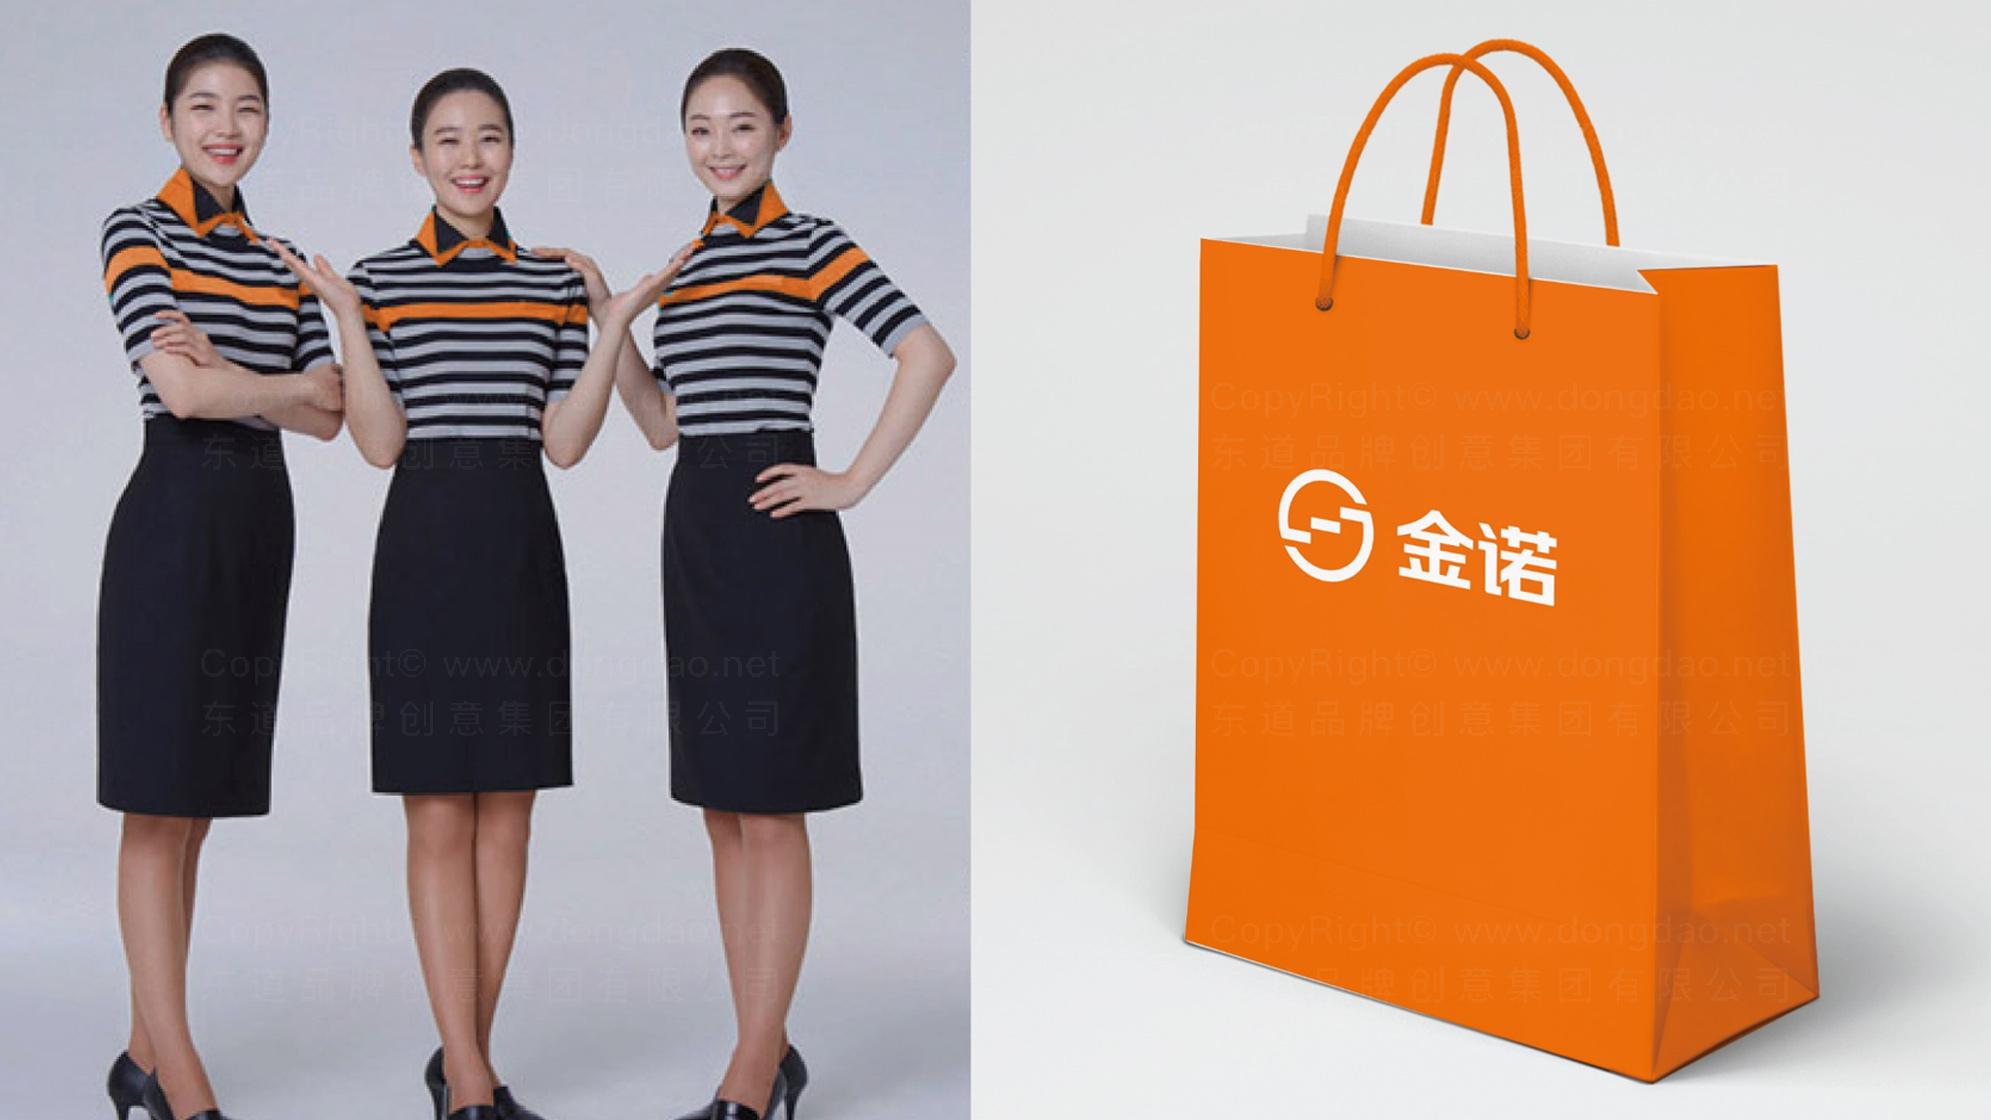 品牌设计金诺标志设计应用场景_9